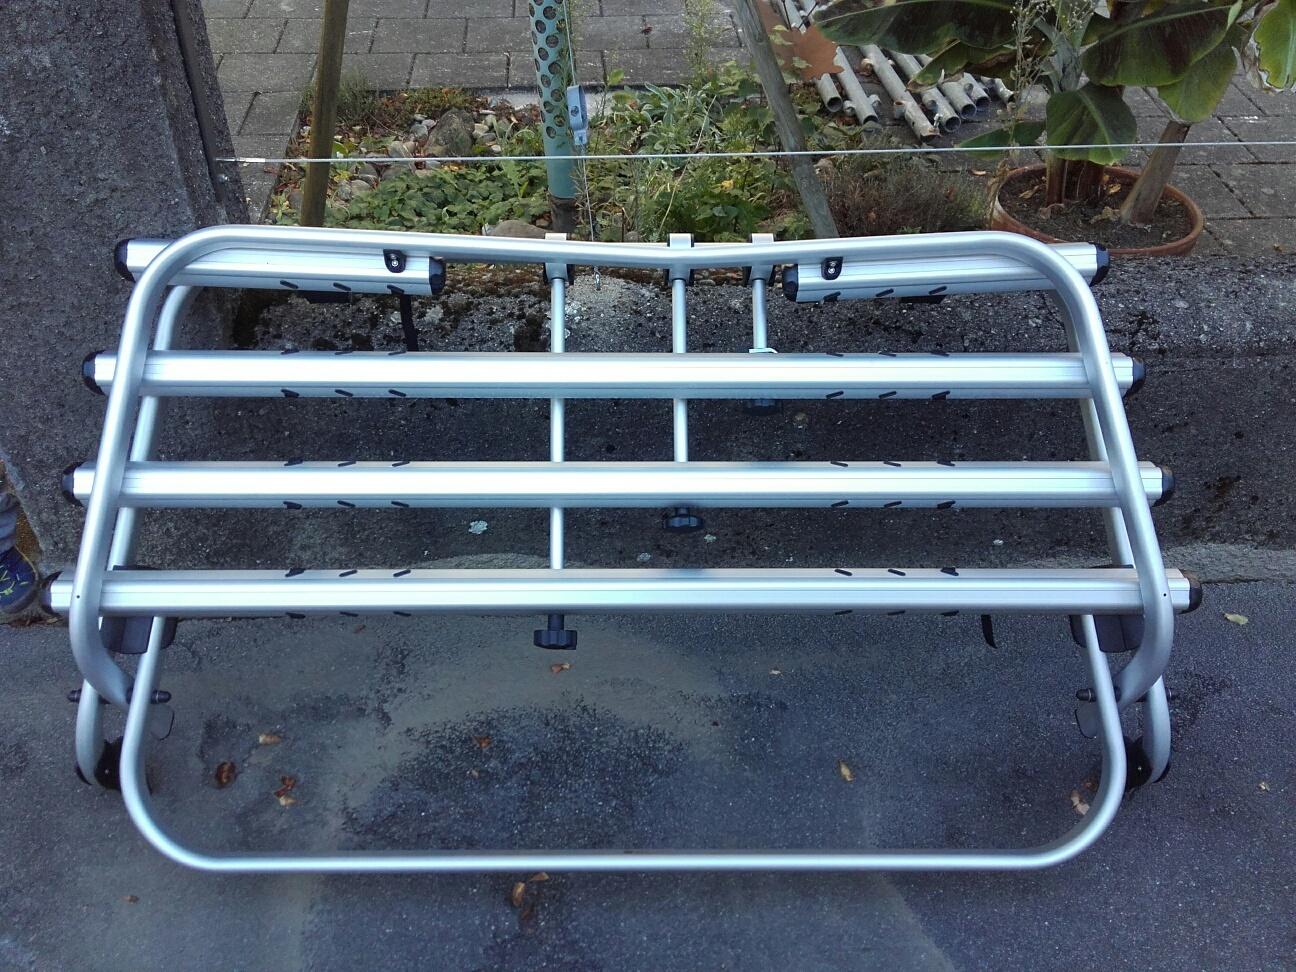 fahrradtr ger vw t5 mit parkschaden g nstig zu verkaufen. Black Bedroom Furniture Sets. Home Design Ideas